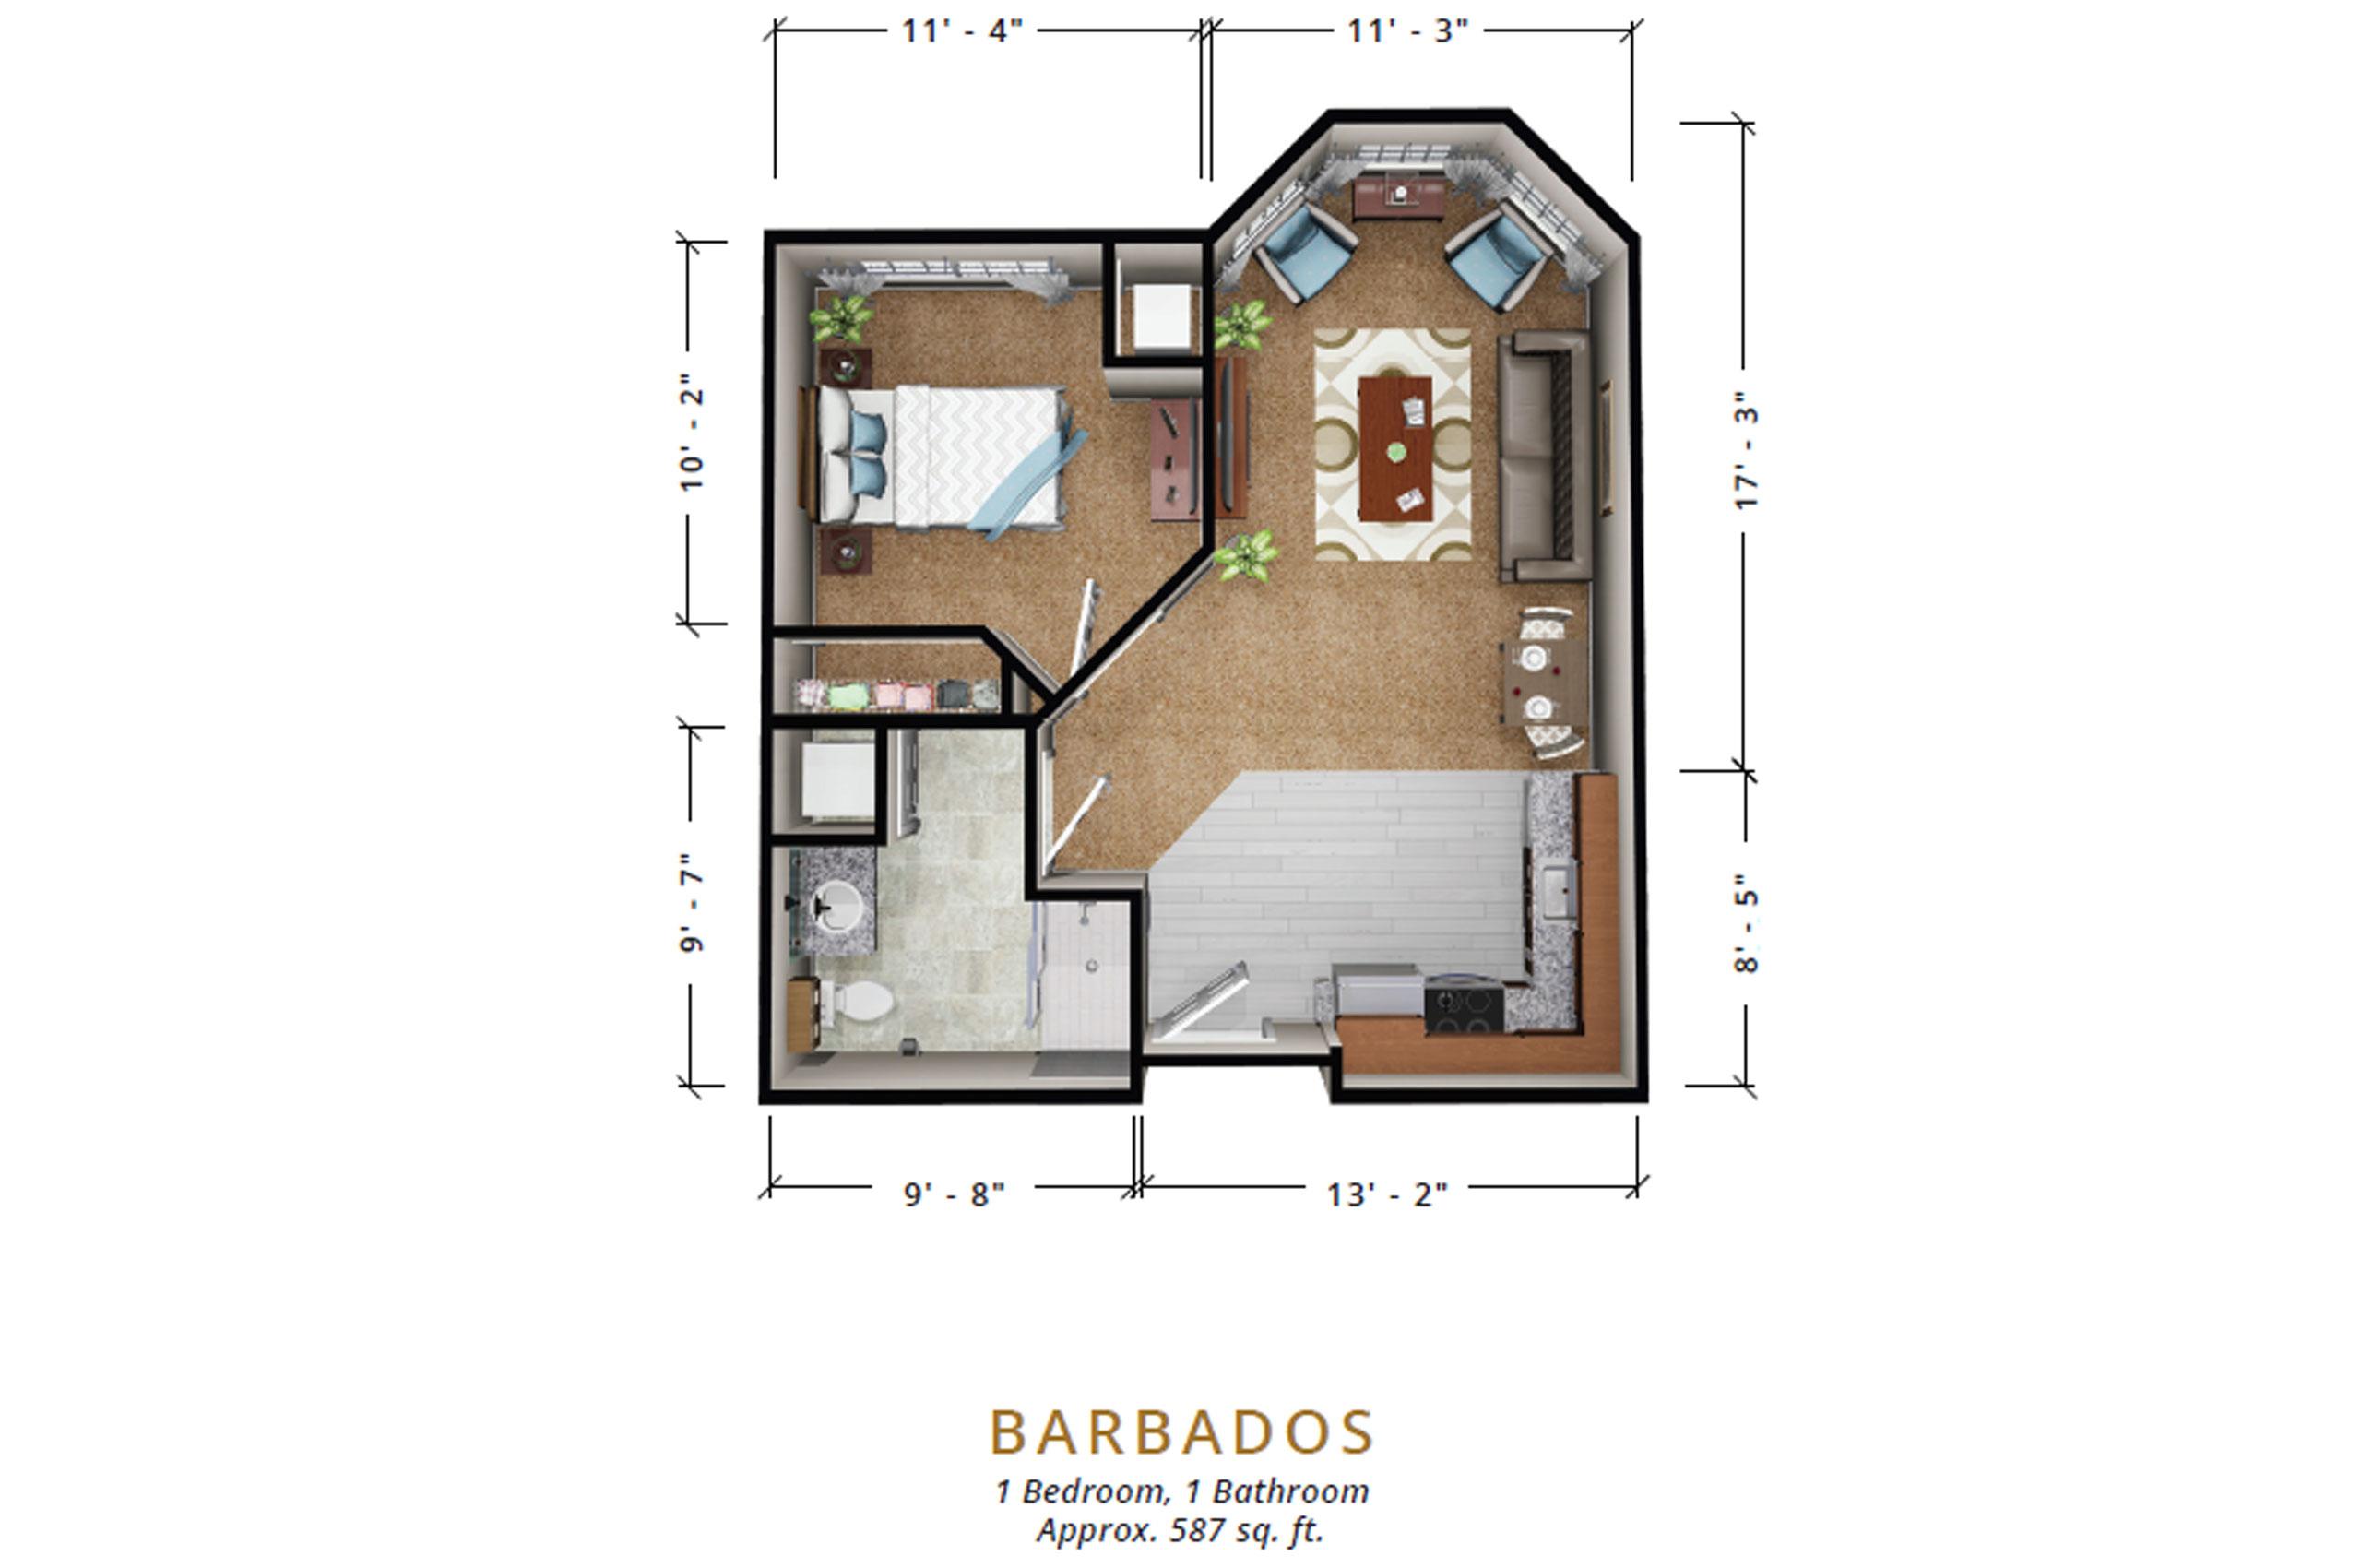 Barbados | One Bedroom